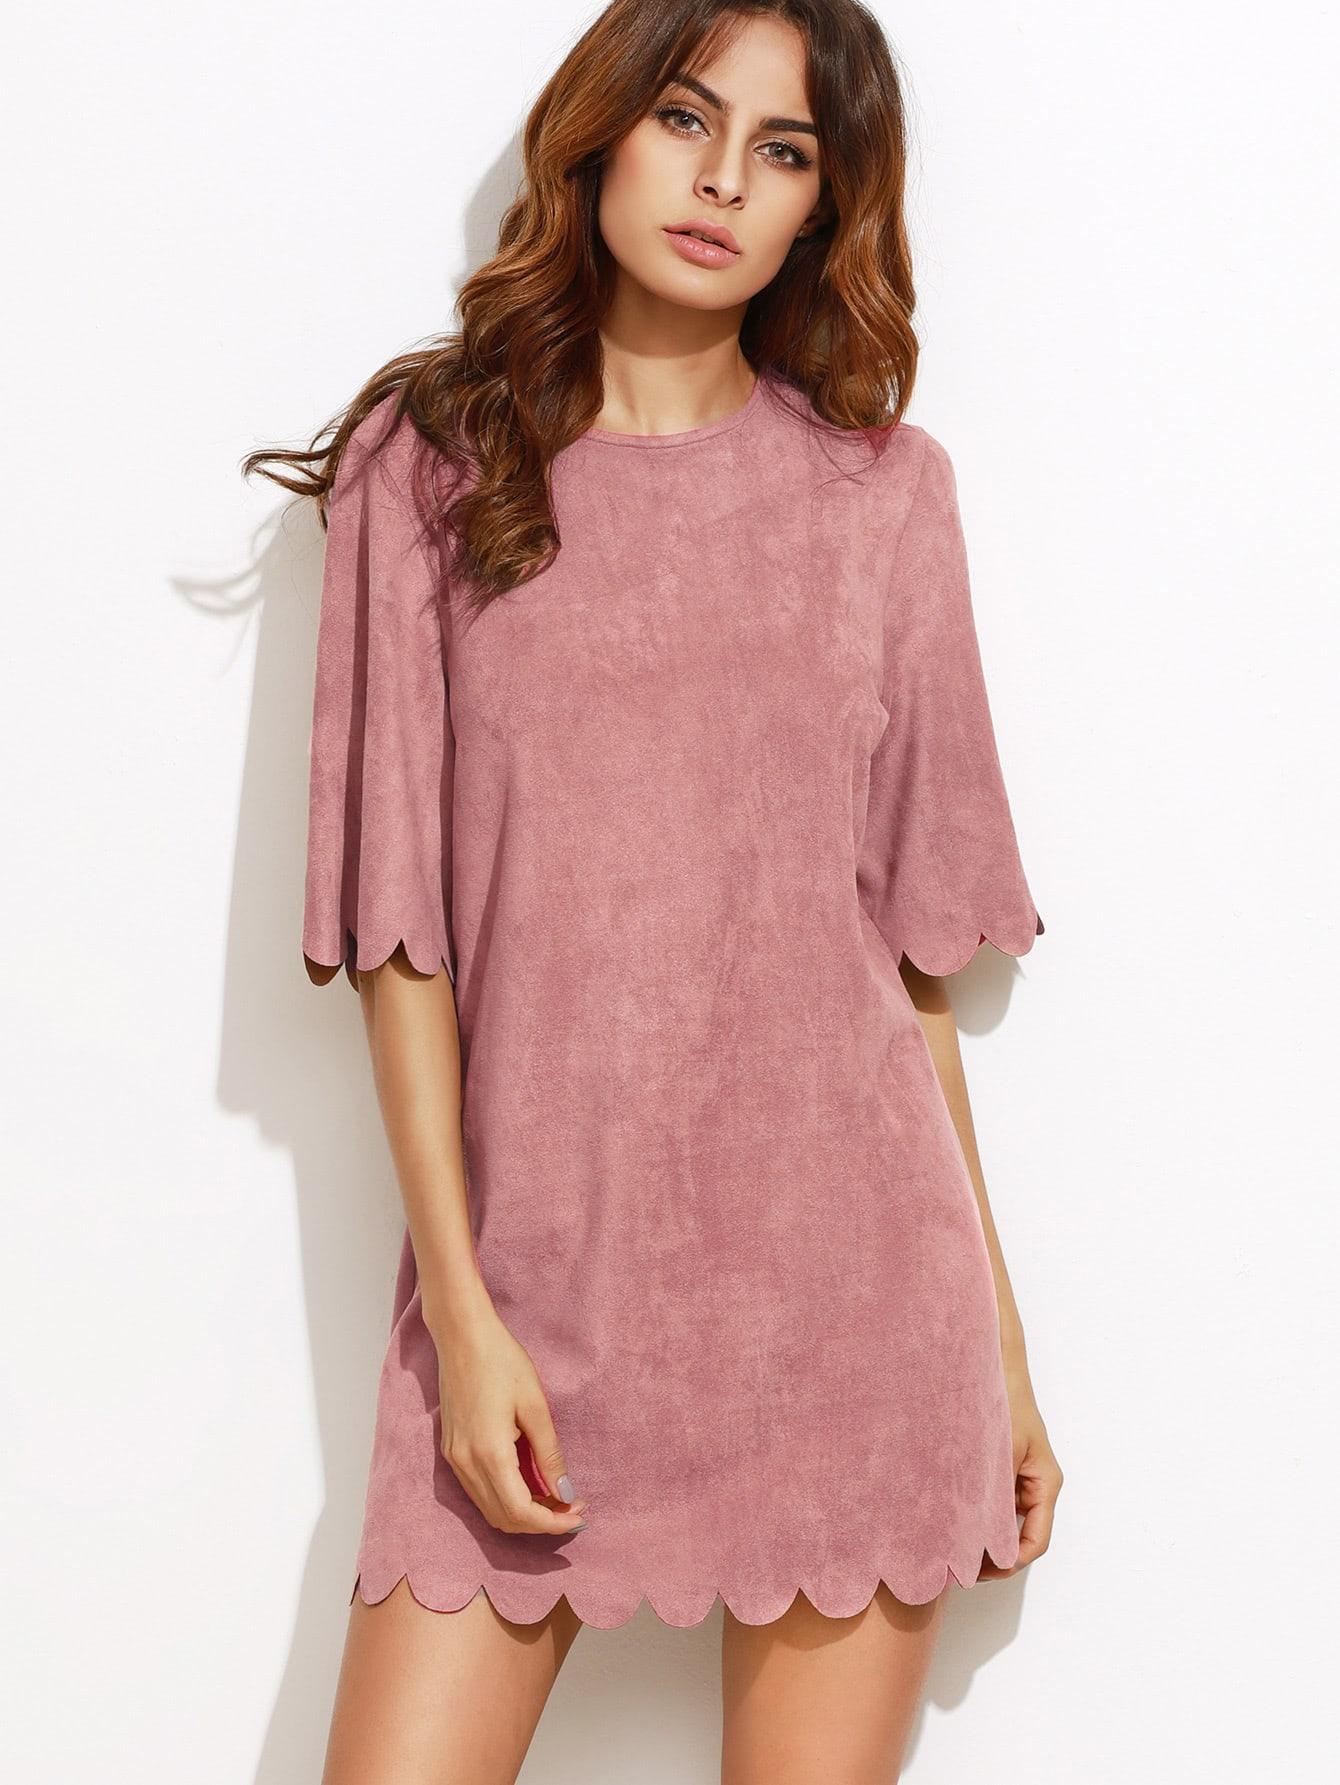 dress161122704_2